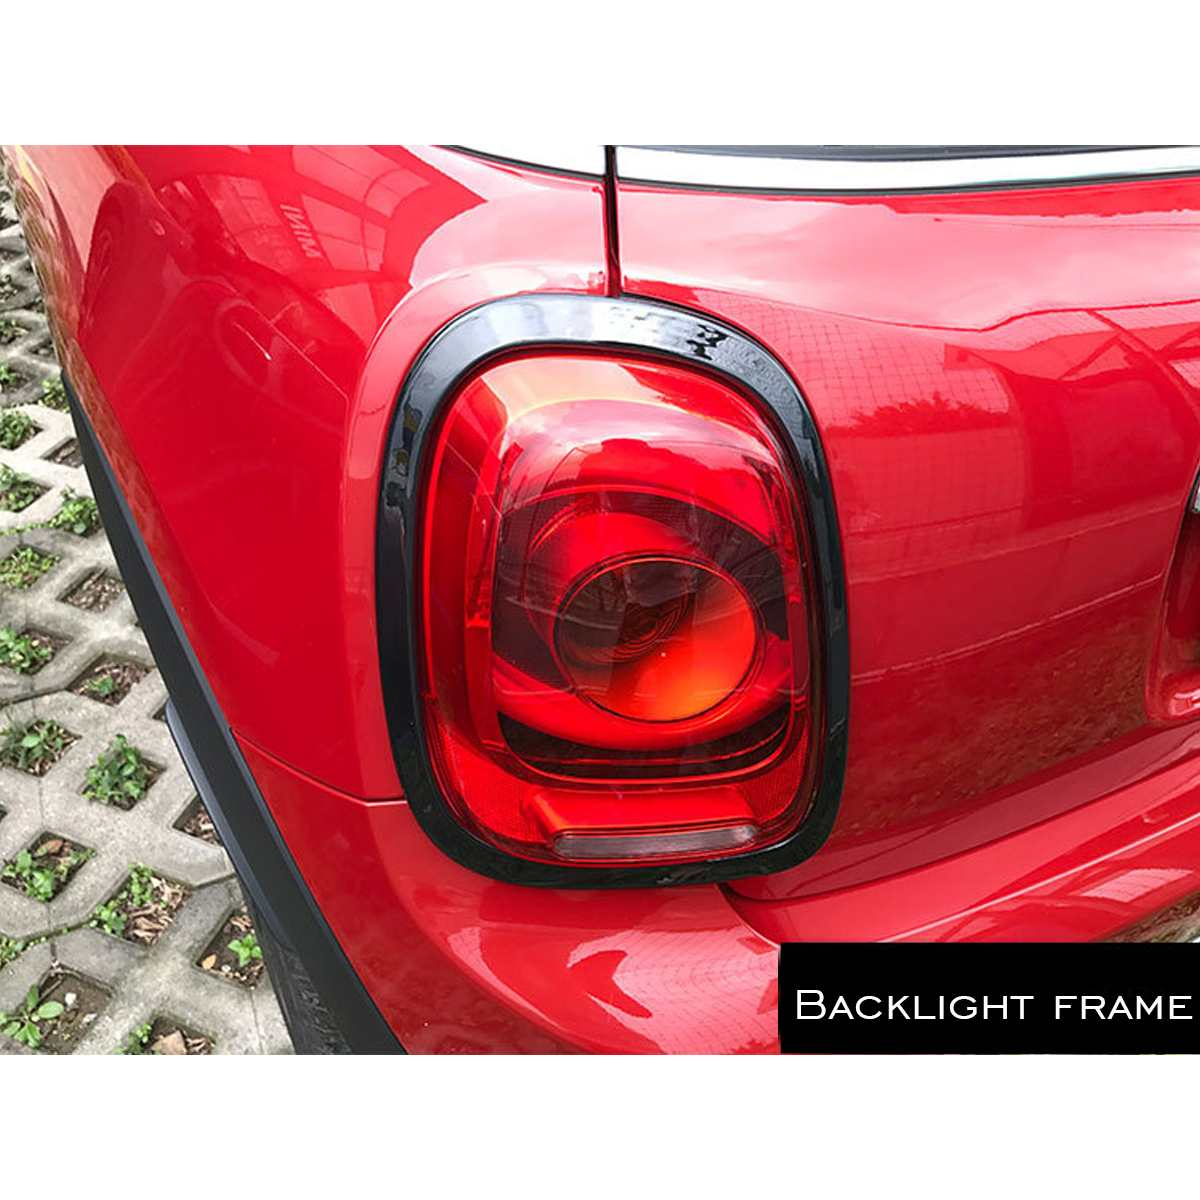 NUOVO 4 pz/set Faro Dell'automobile Testa Coda Posteriore Lampade Rim Trim Anello Coperture Per Mini Cooper One JCW F55 F56 auto Accessori per lo styling - 3